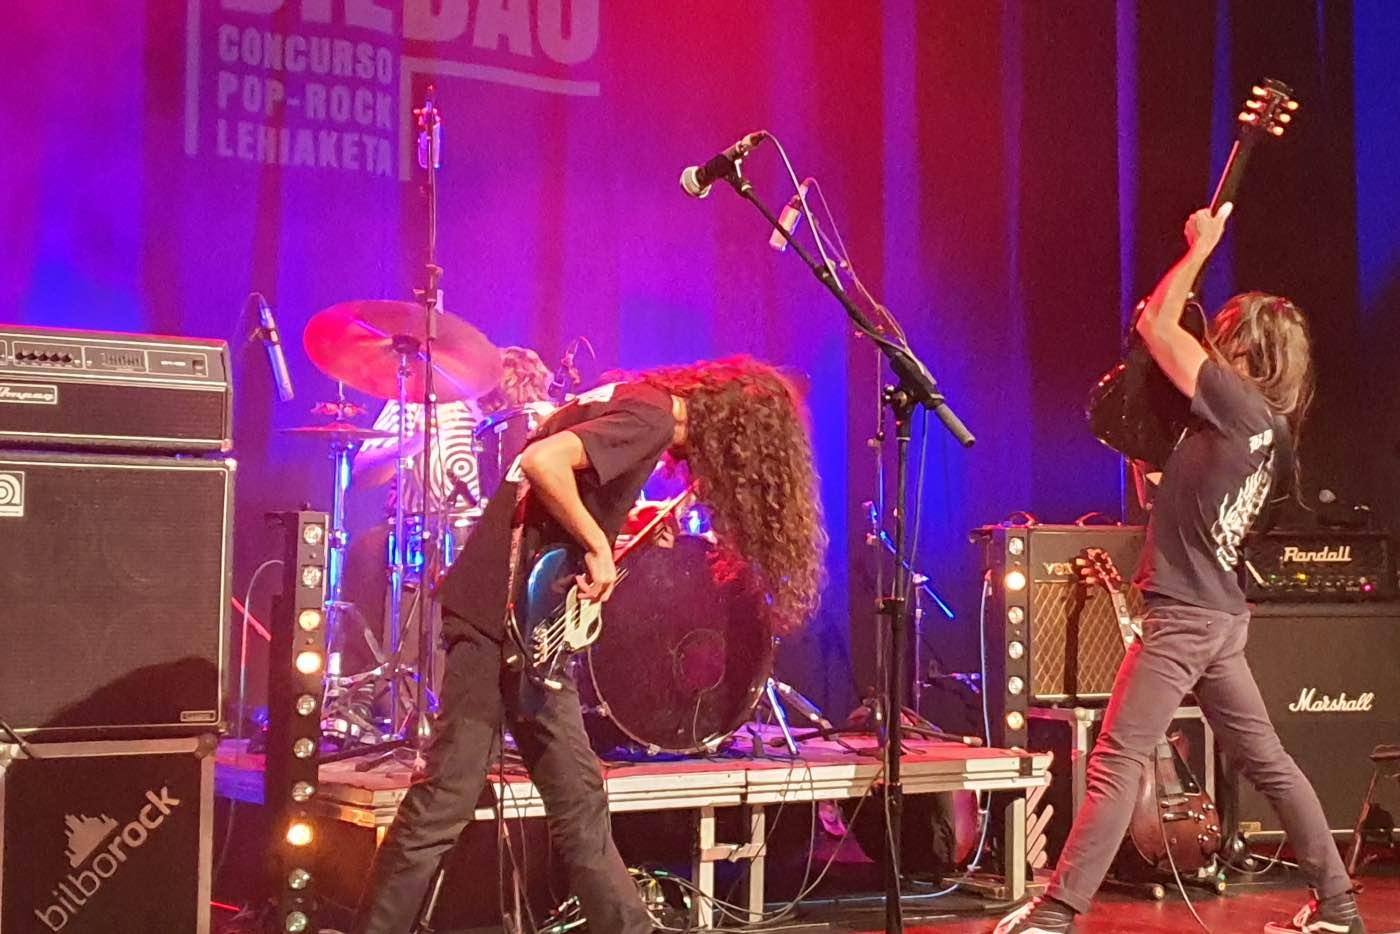 Palmares del Concurso Pop-Rock Villa de Bilbao 2019